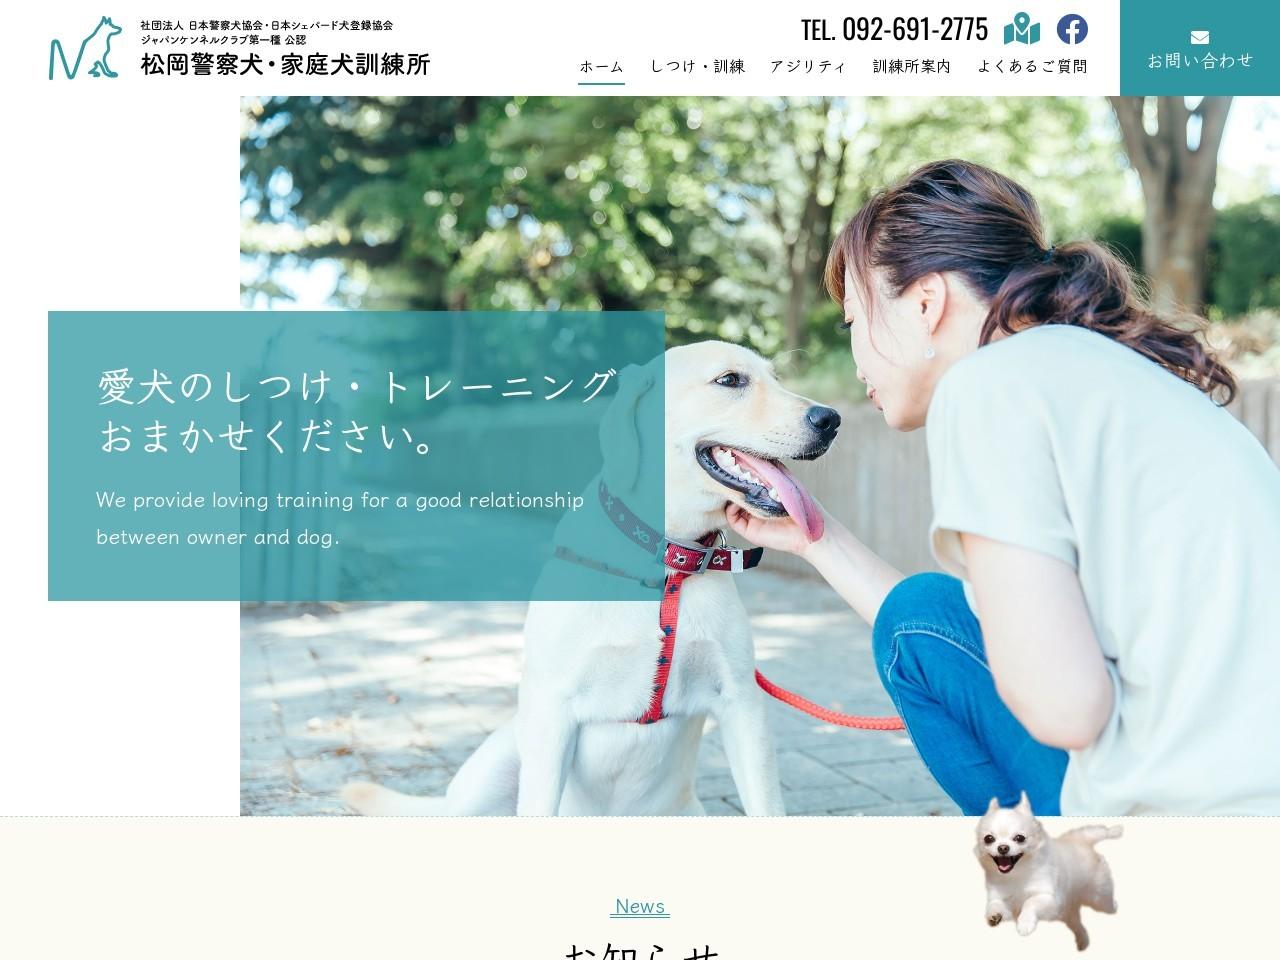 松岡警察犬家庭犬訓練学校